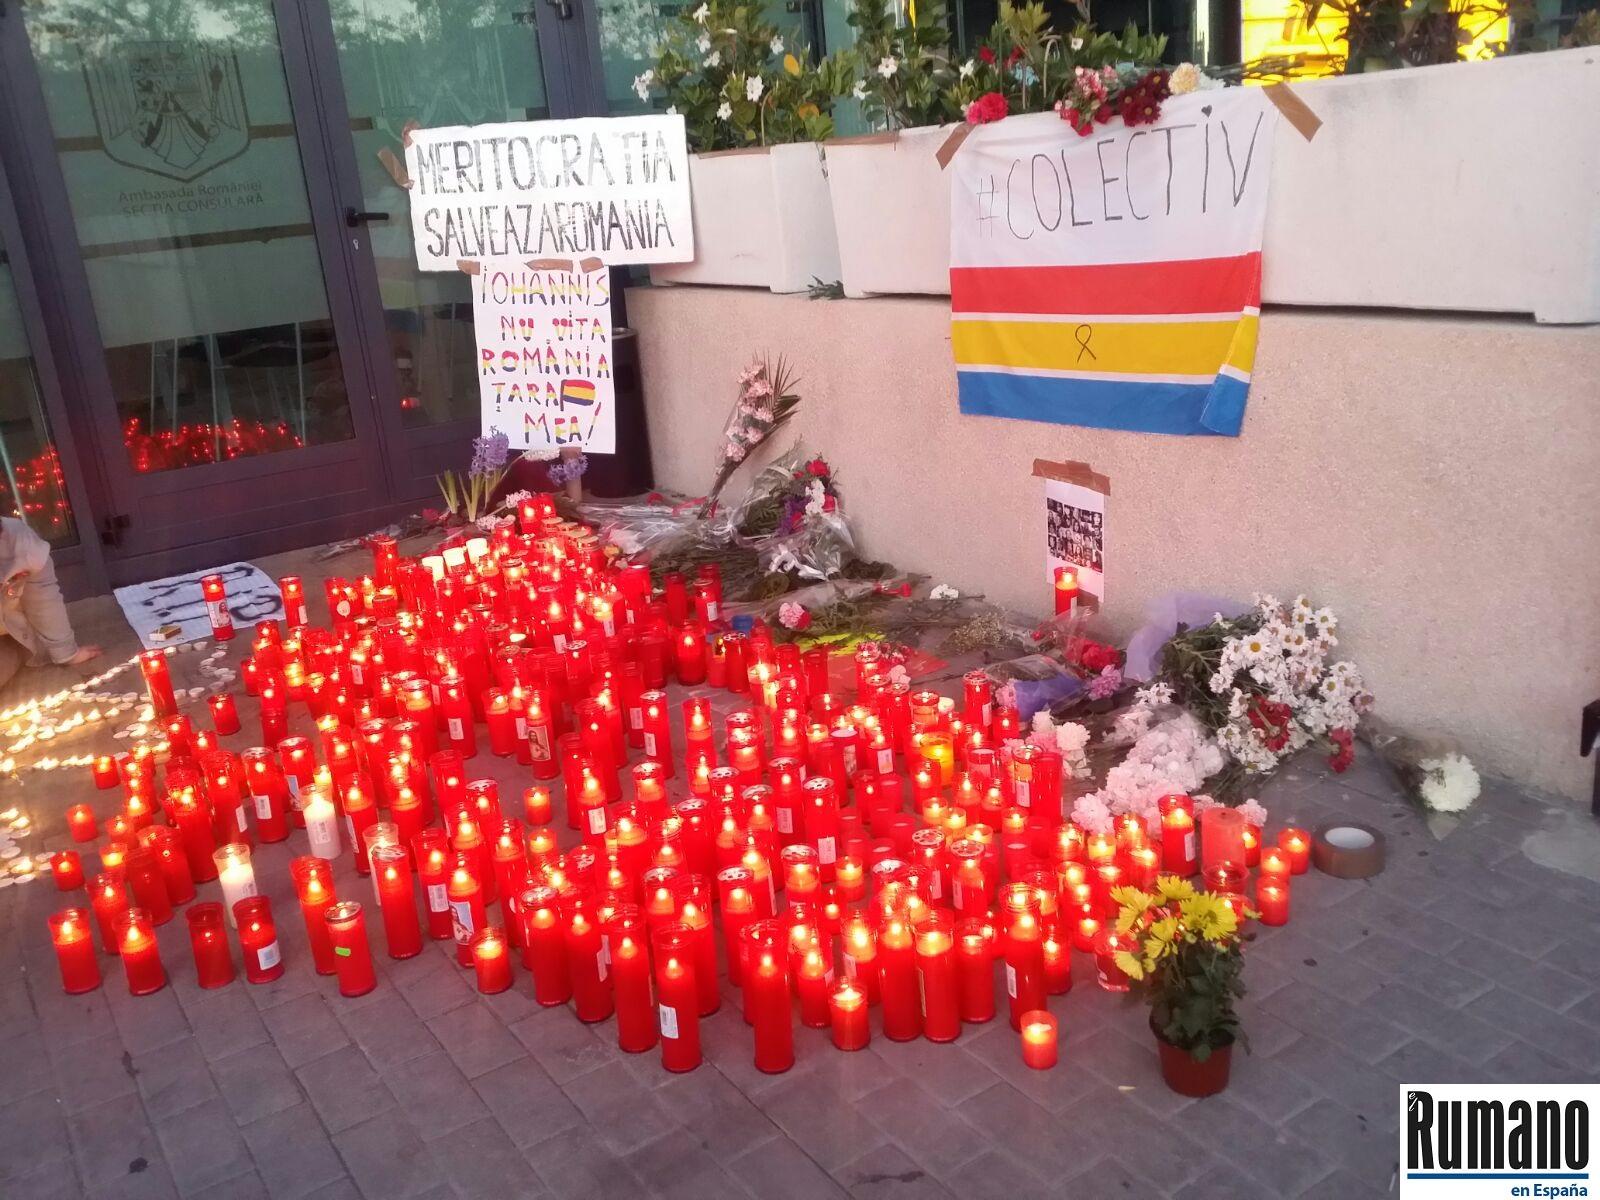 Protestele continuă la Madrid. Românii din diaspora alături de românii din țară